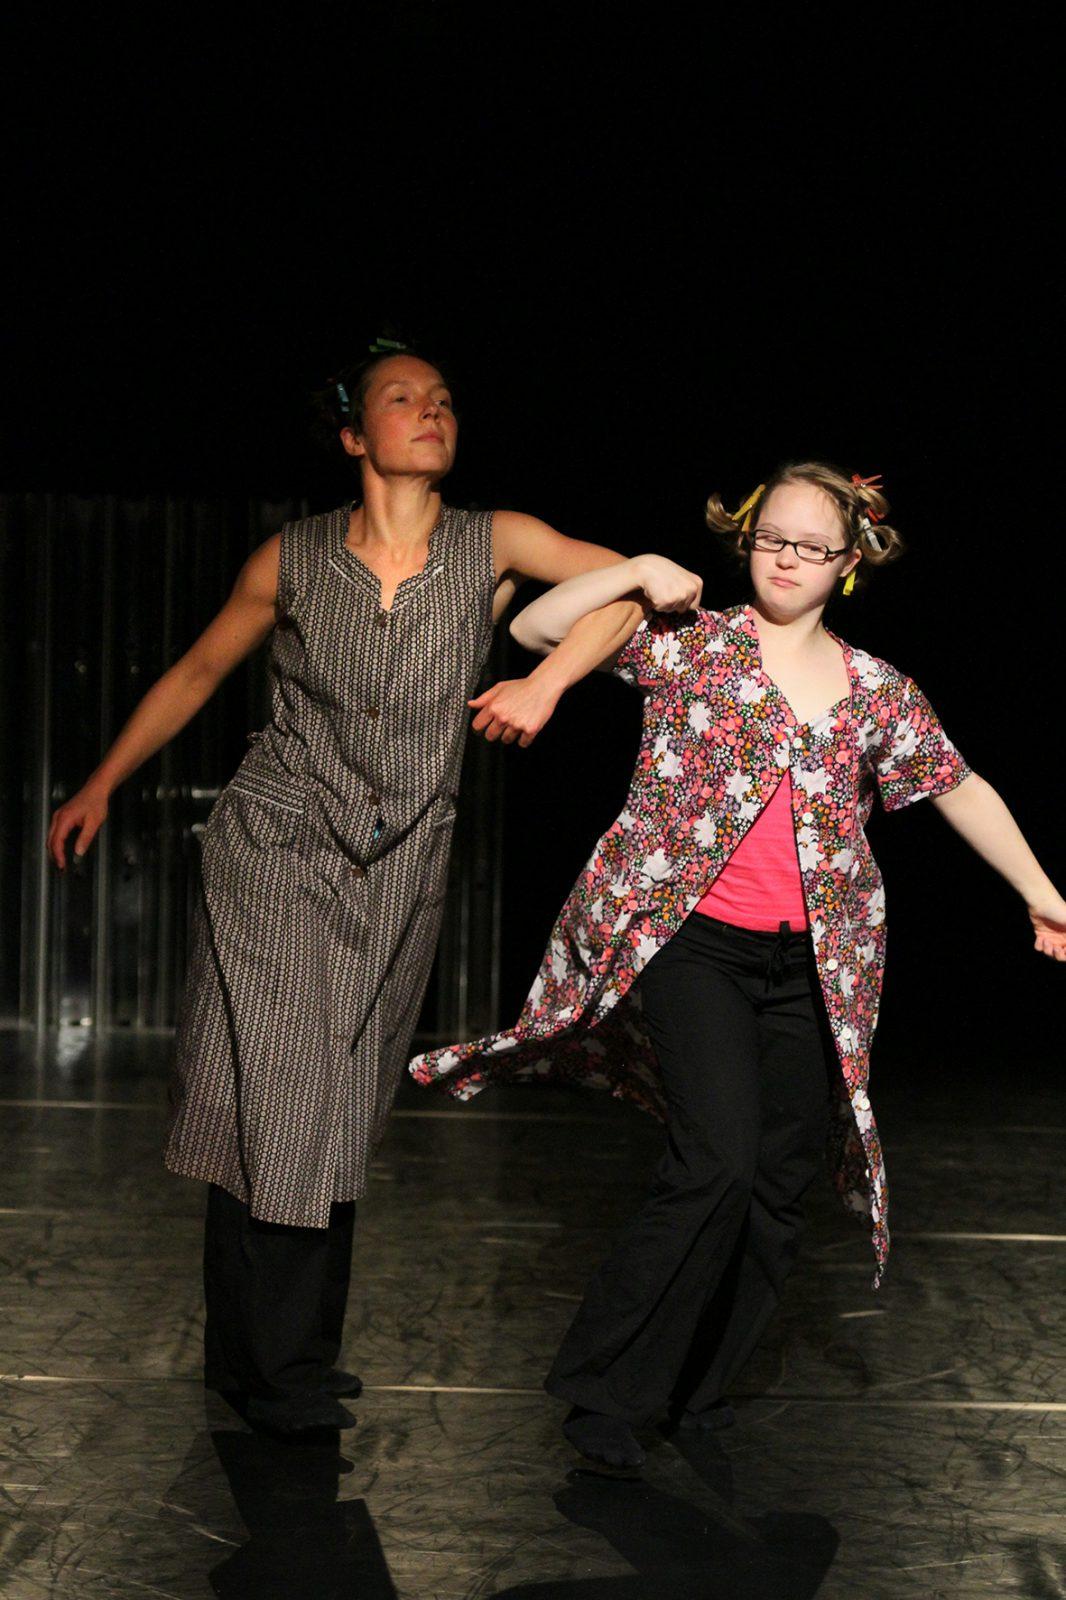 zwei Tänzerinnen mit eingehakten Ellenbogen